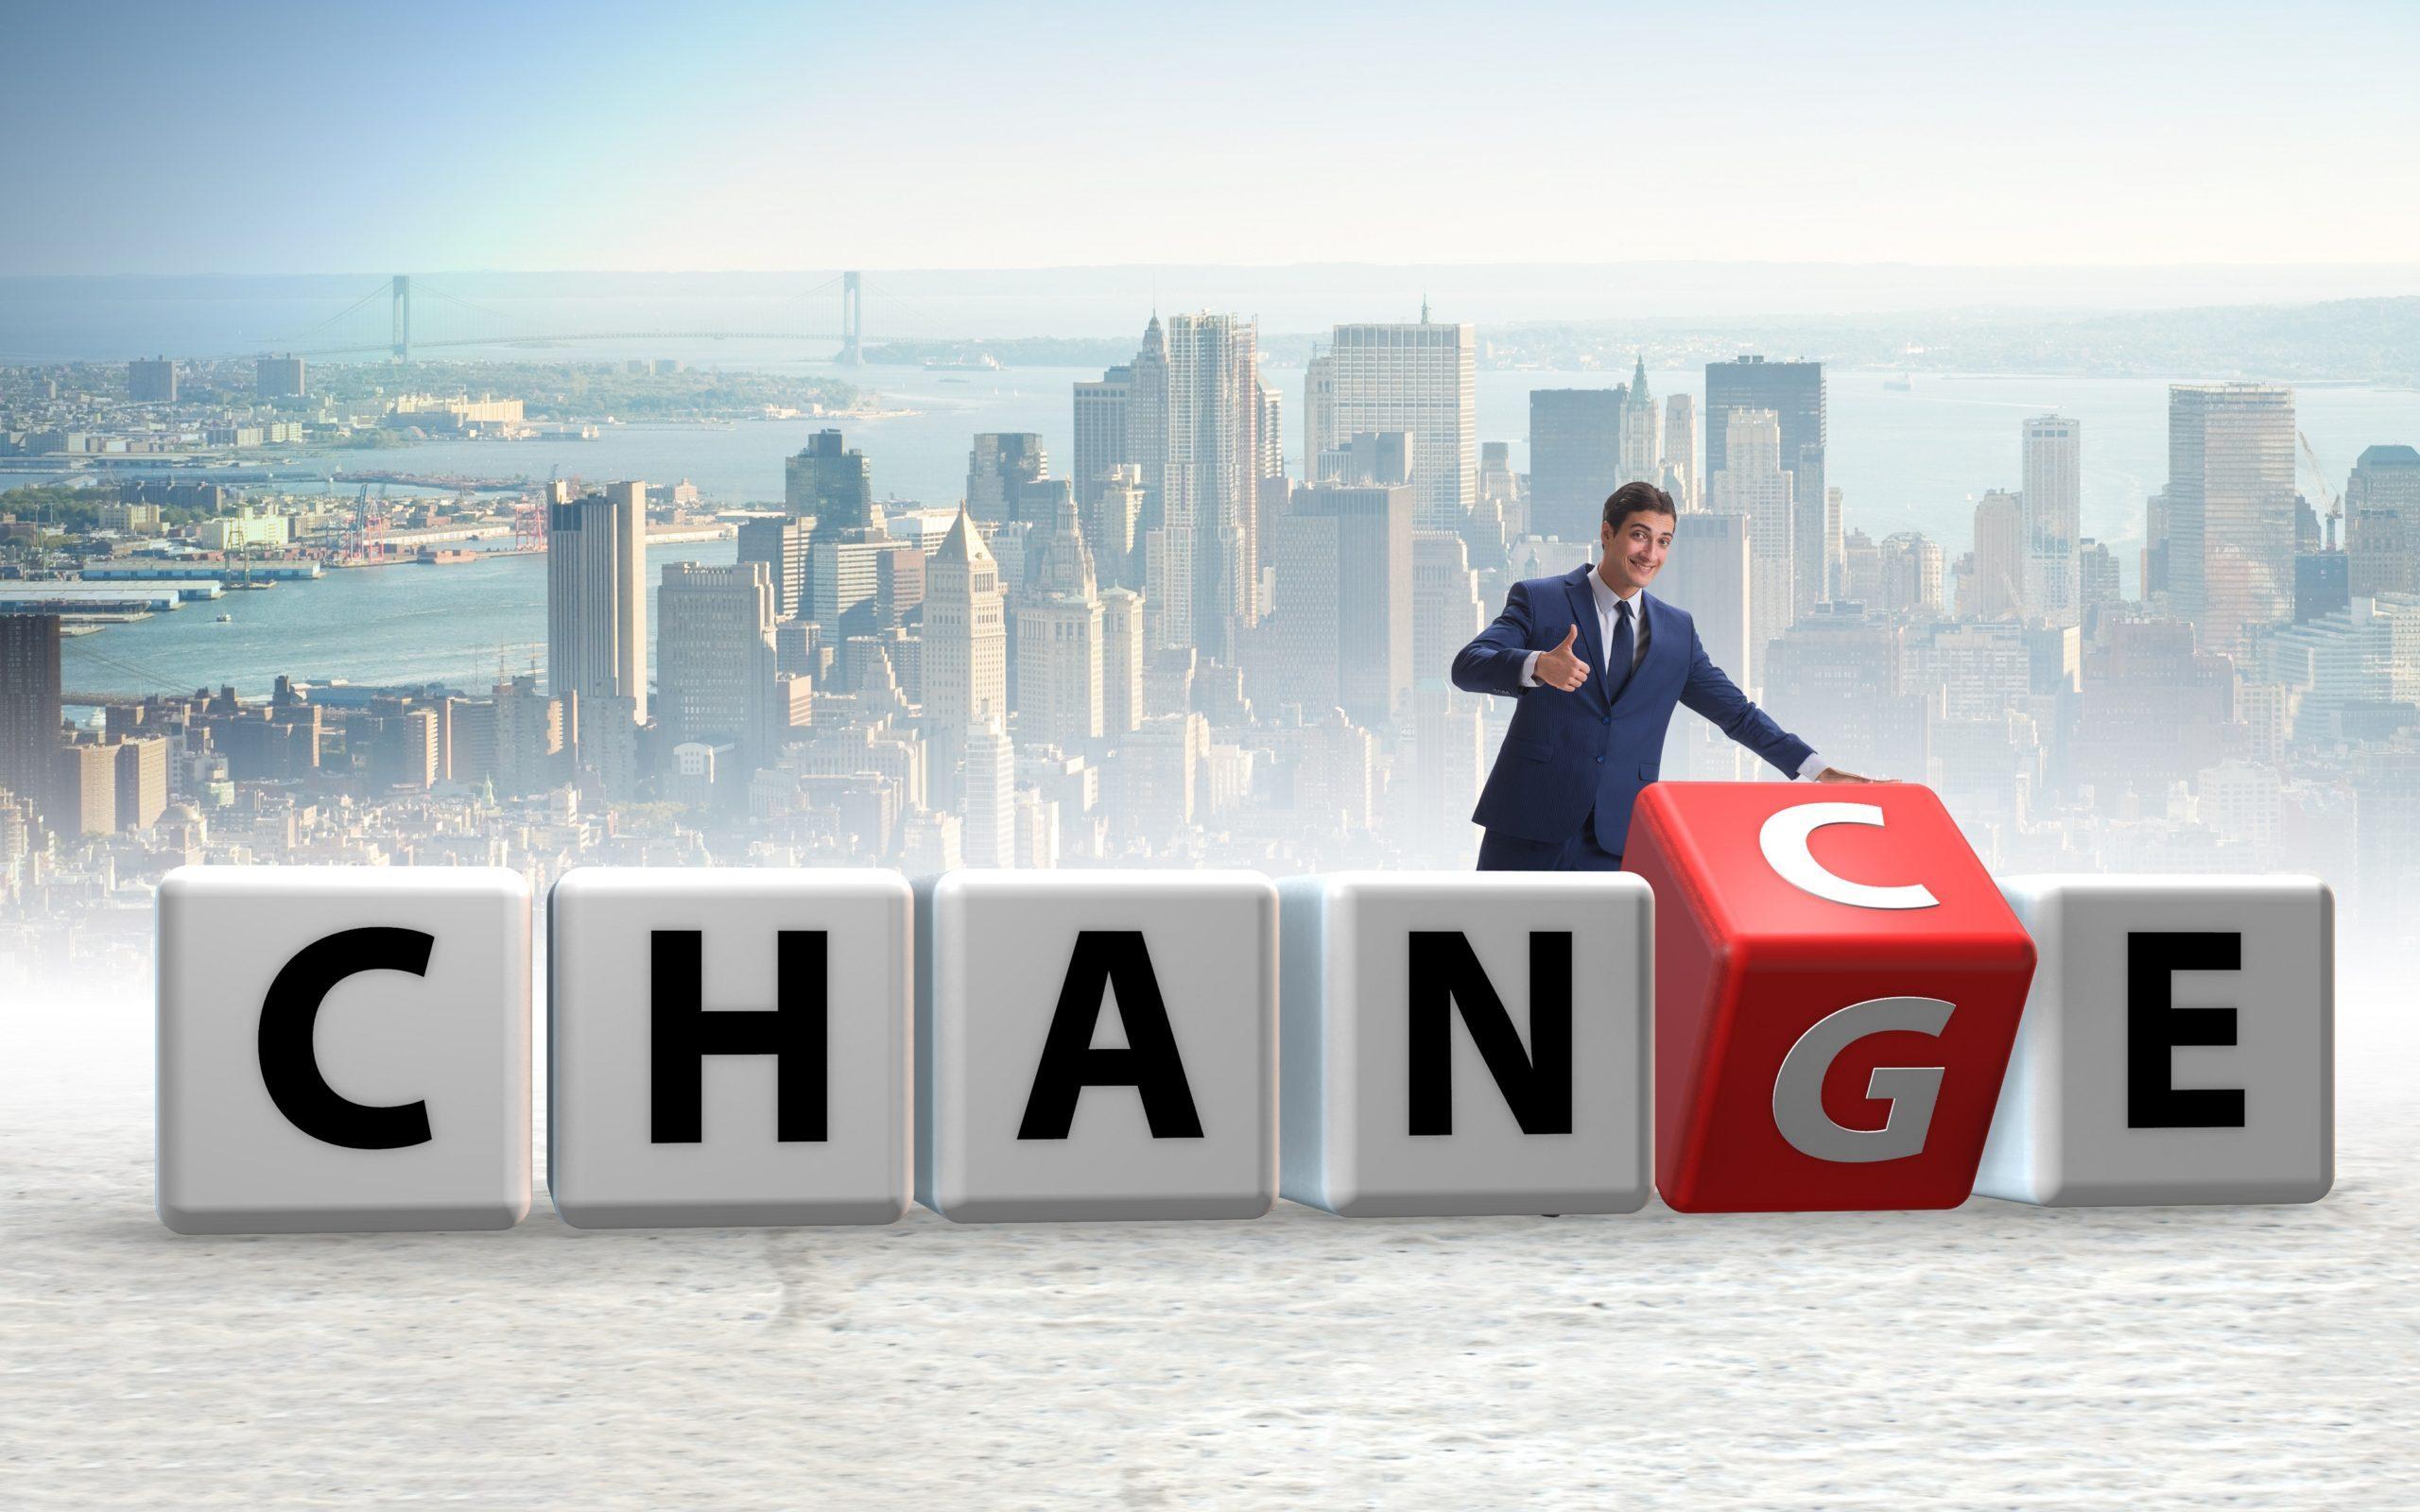 Change Management w zarządzaniu projektami – dlaczego niechętnie korzystamy z ustrukturyzowanego podejścia?